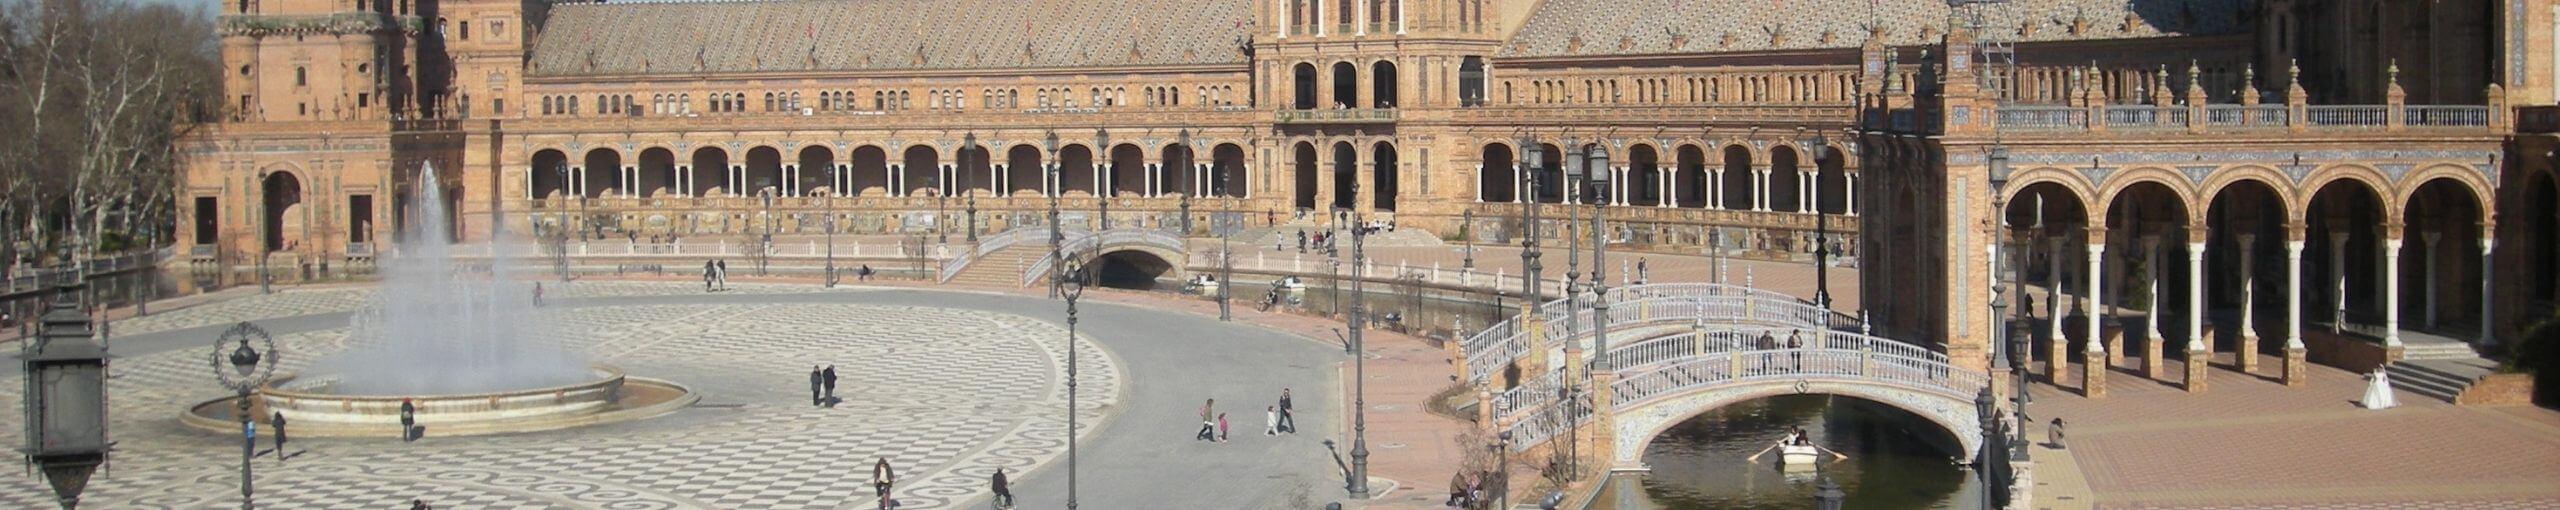 Viajar a Andalucía. Plaza de España, Sevilla. Andalucía.